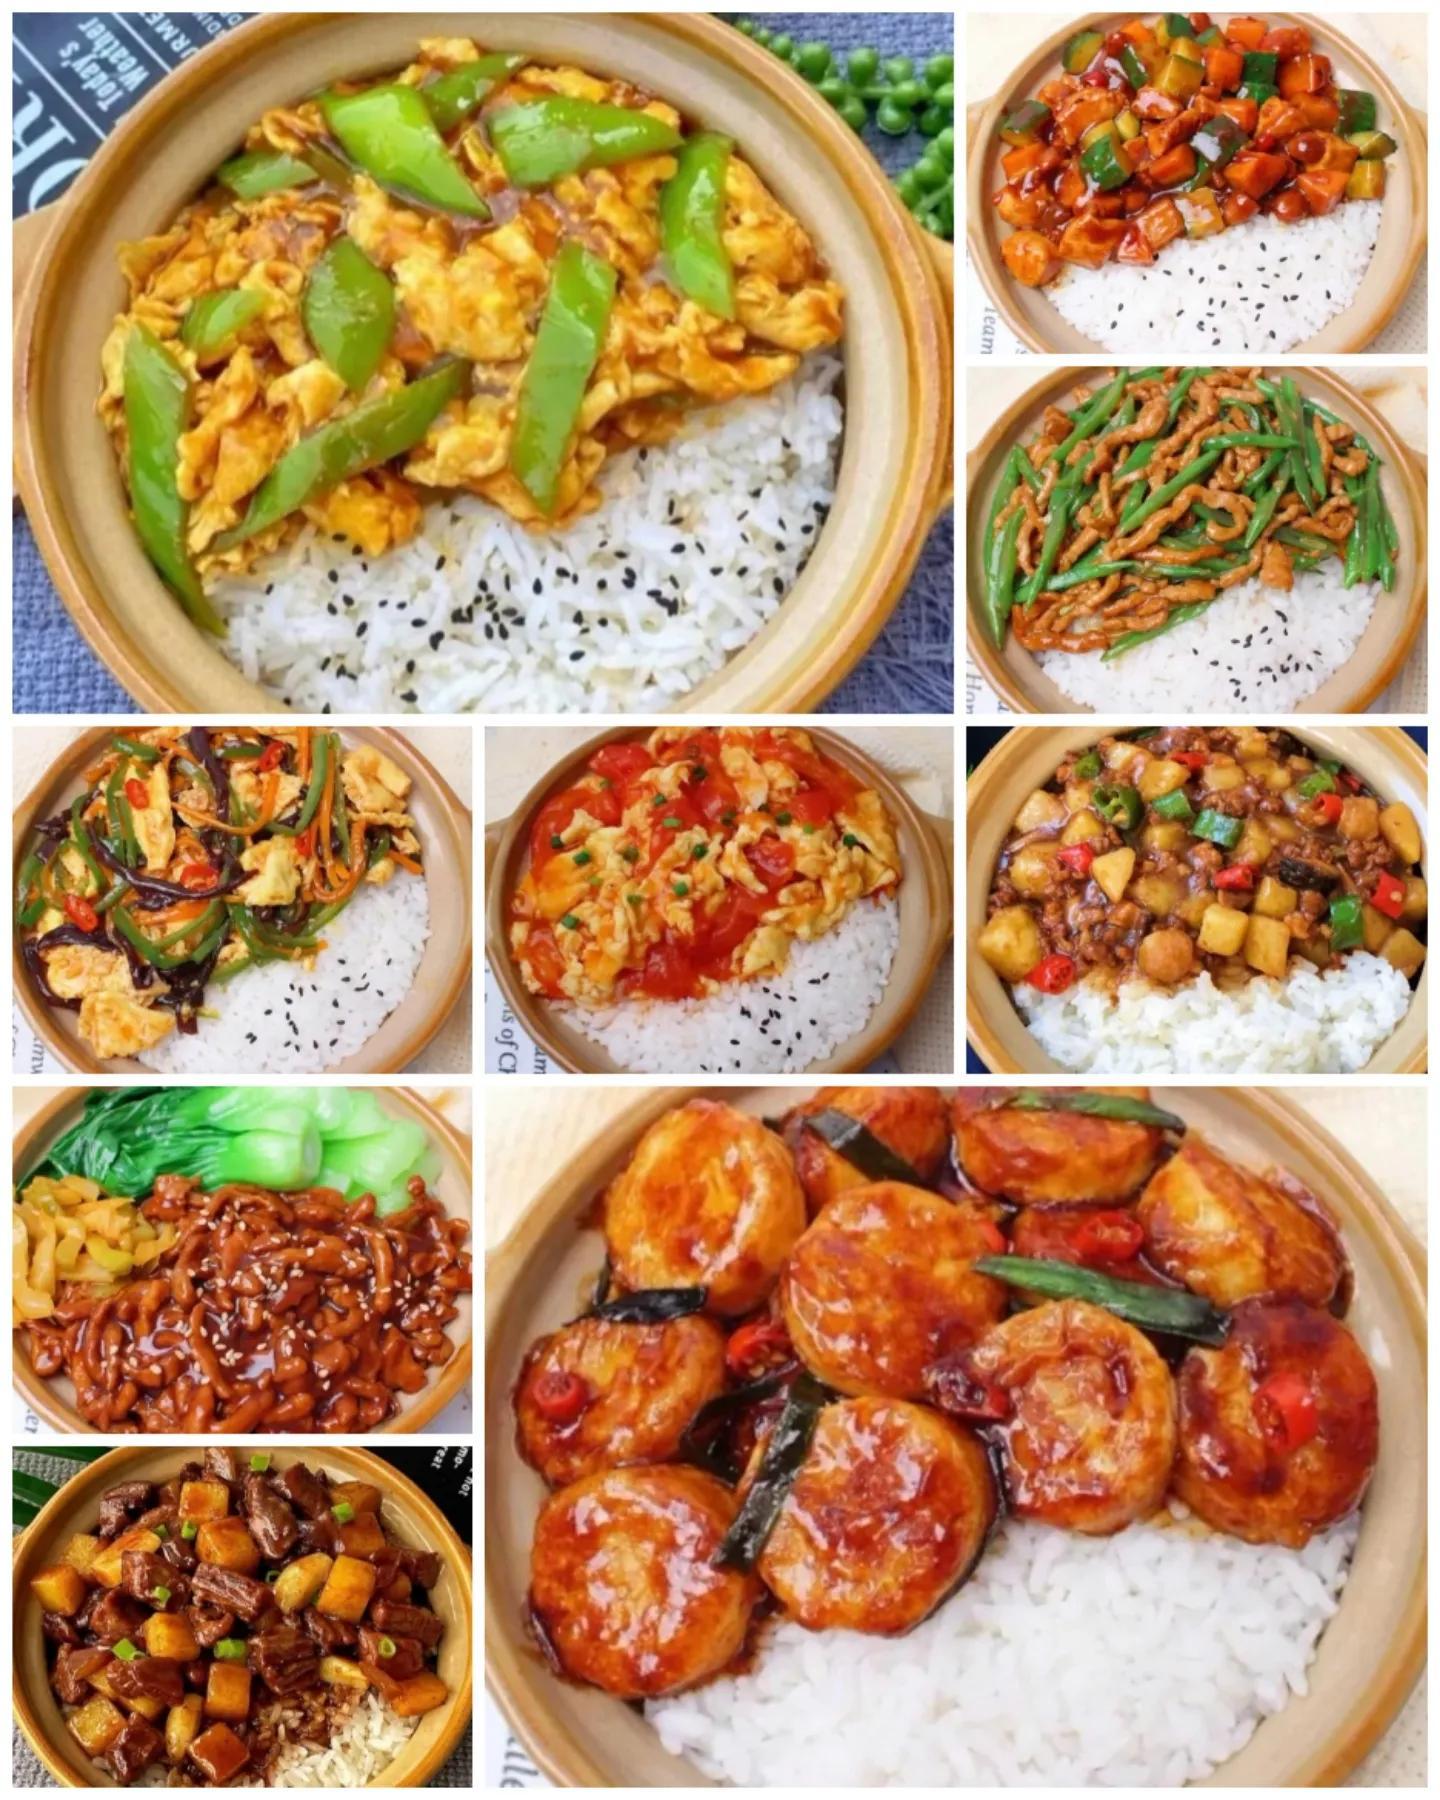 10种盖饭的做法 美食做法 第1张